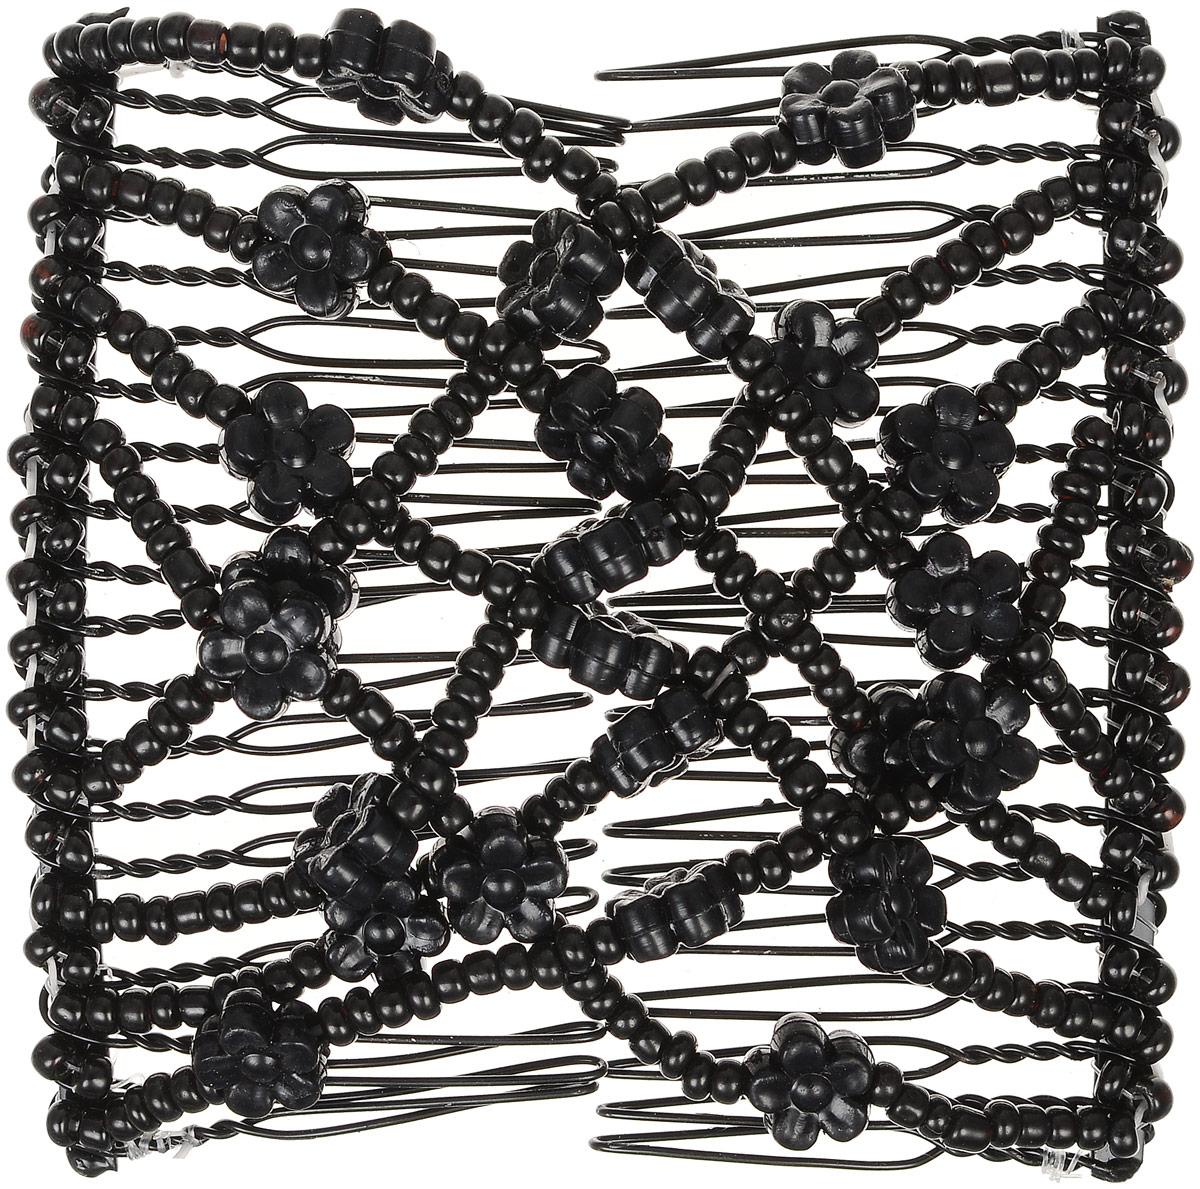 EZ-Combs Заколка Изи-Комбс, одинарная, цвет: черный. ЗИО_цветочки ez combs заколка изи комбс одинарная цвет коричневый зио сердечки